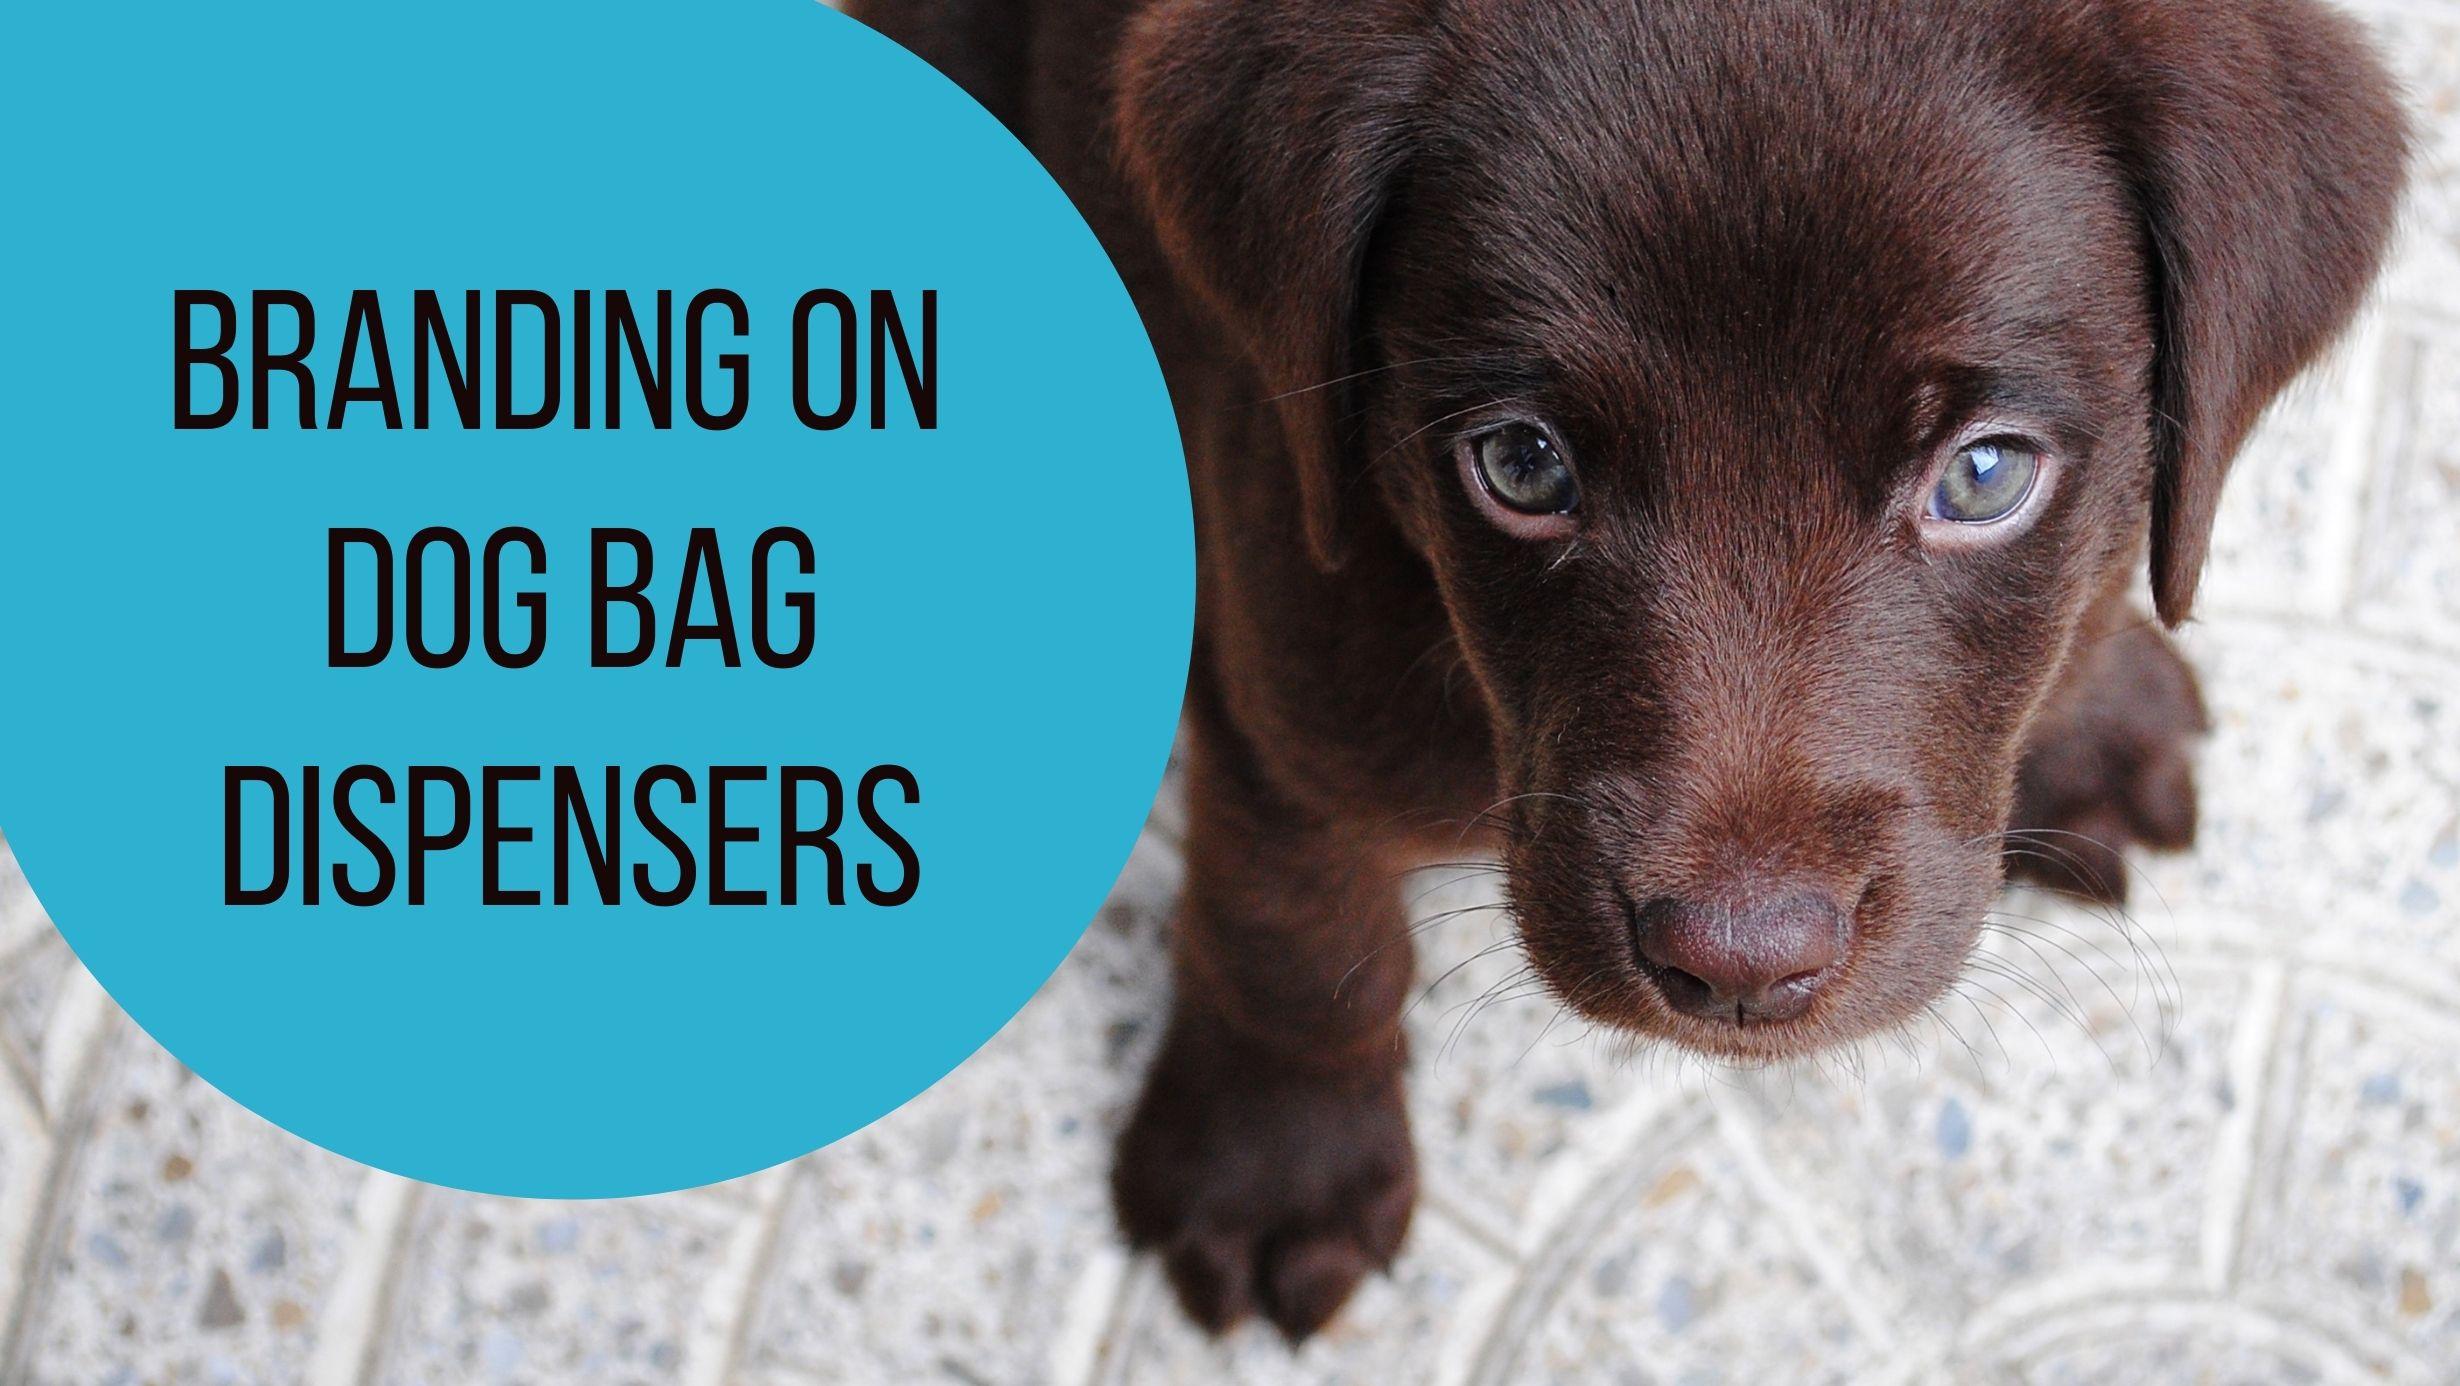 header image for dog bag dispenser article - simple